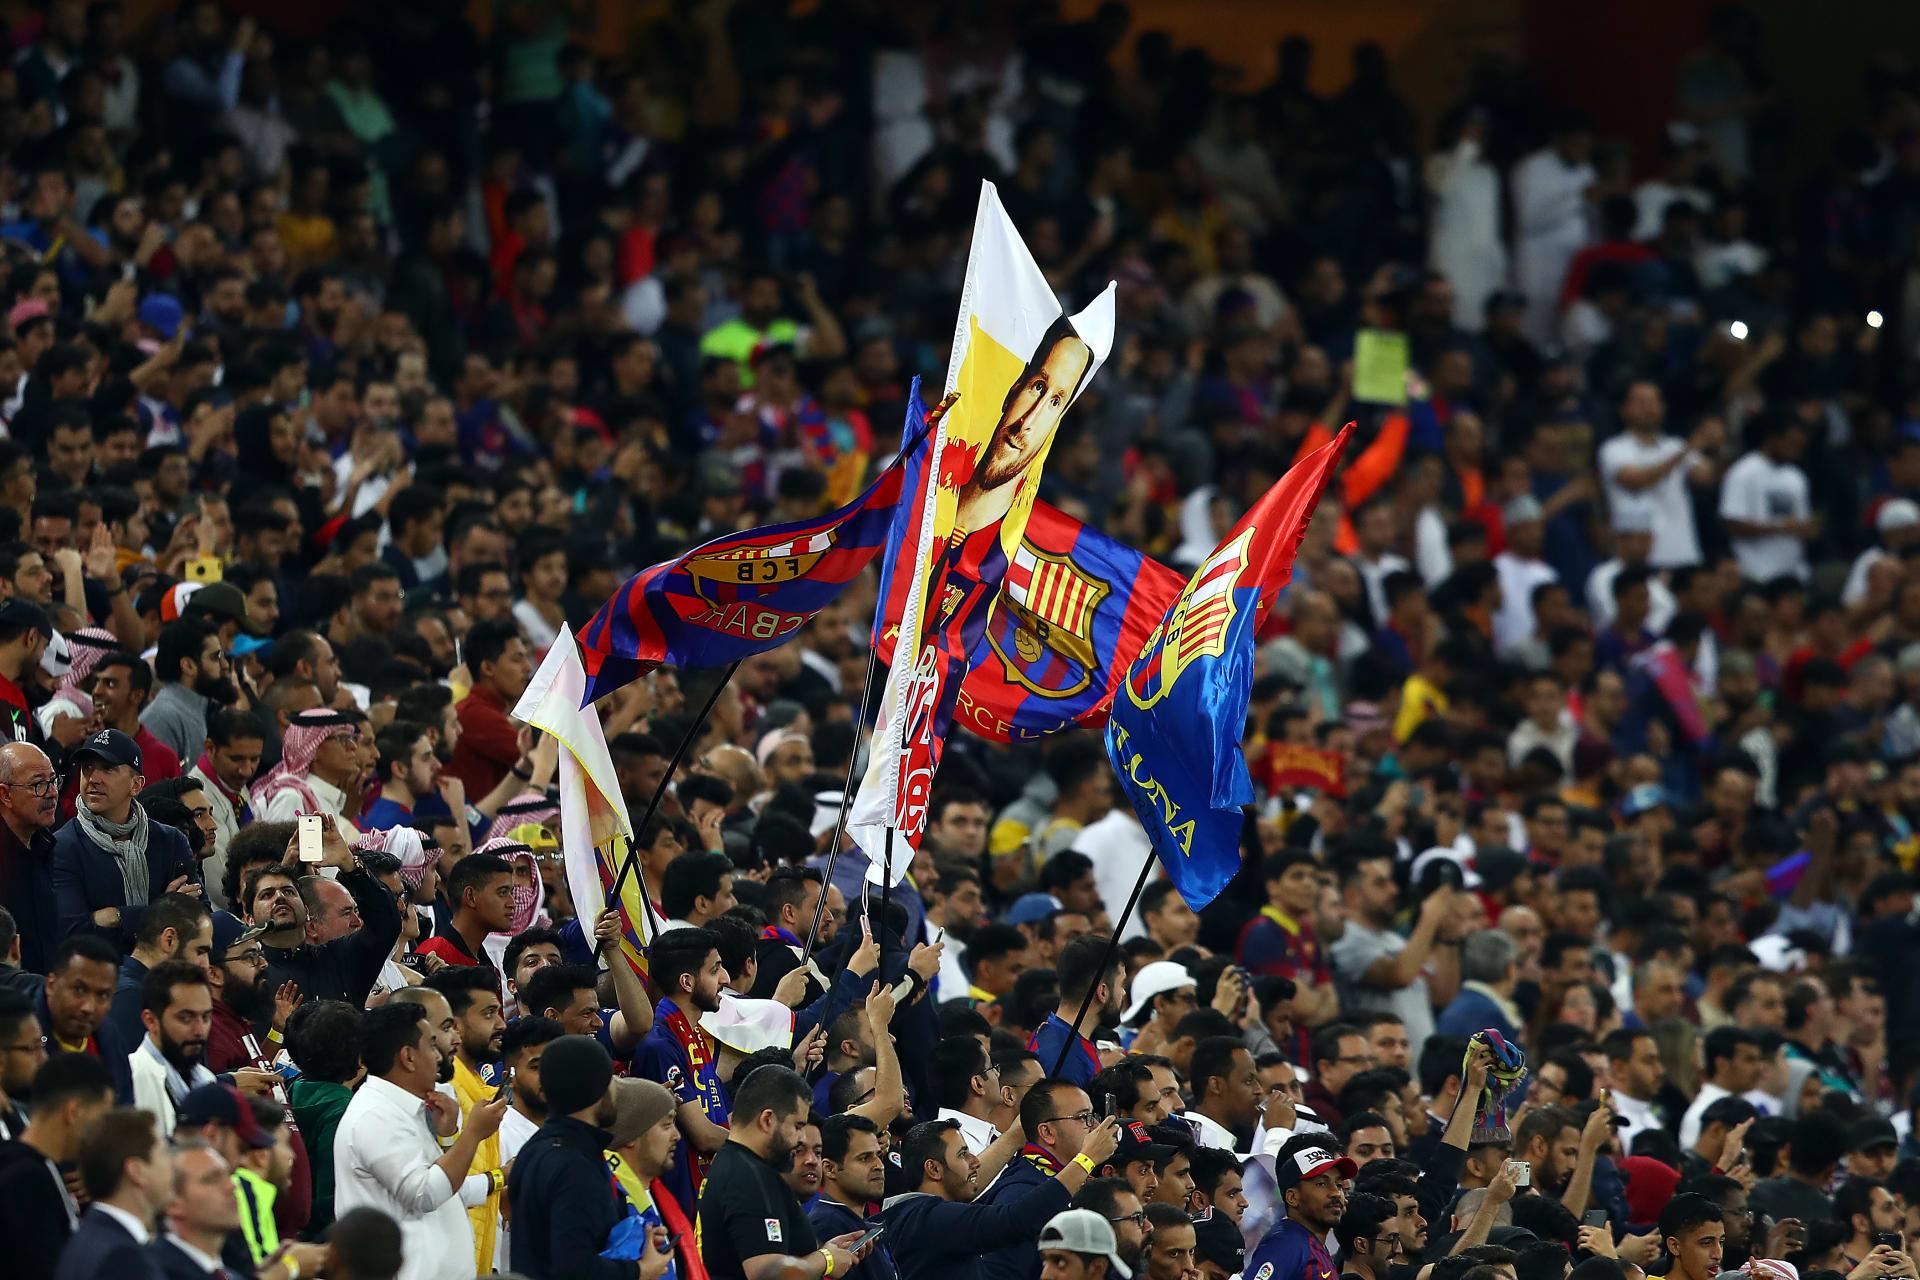 شبكة رياضية تُوقف مُراسلة عربية أثارت غضب سعوديين على هامش السوبر الإسباني